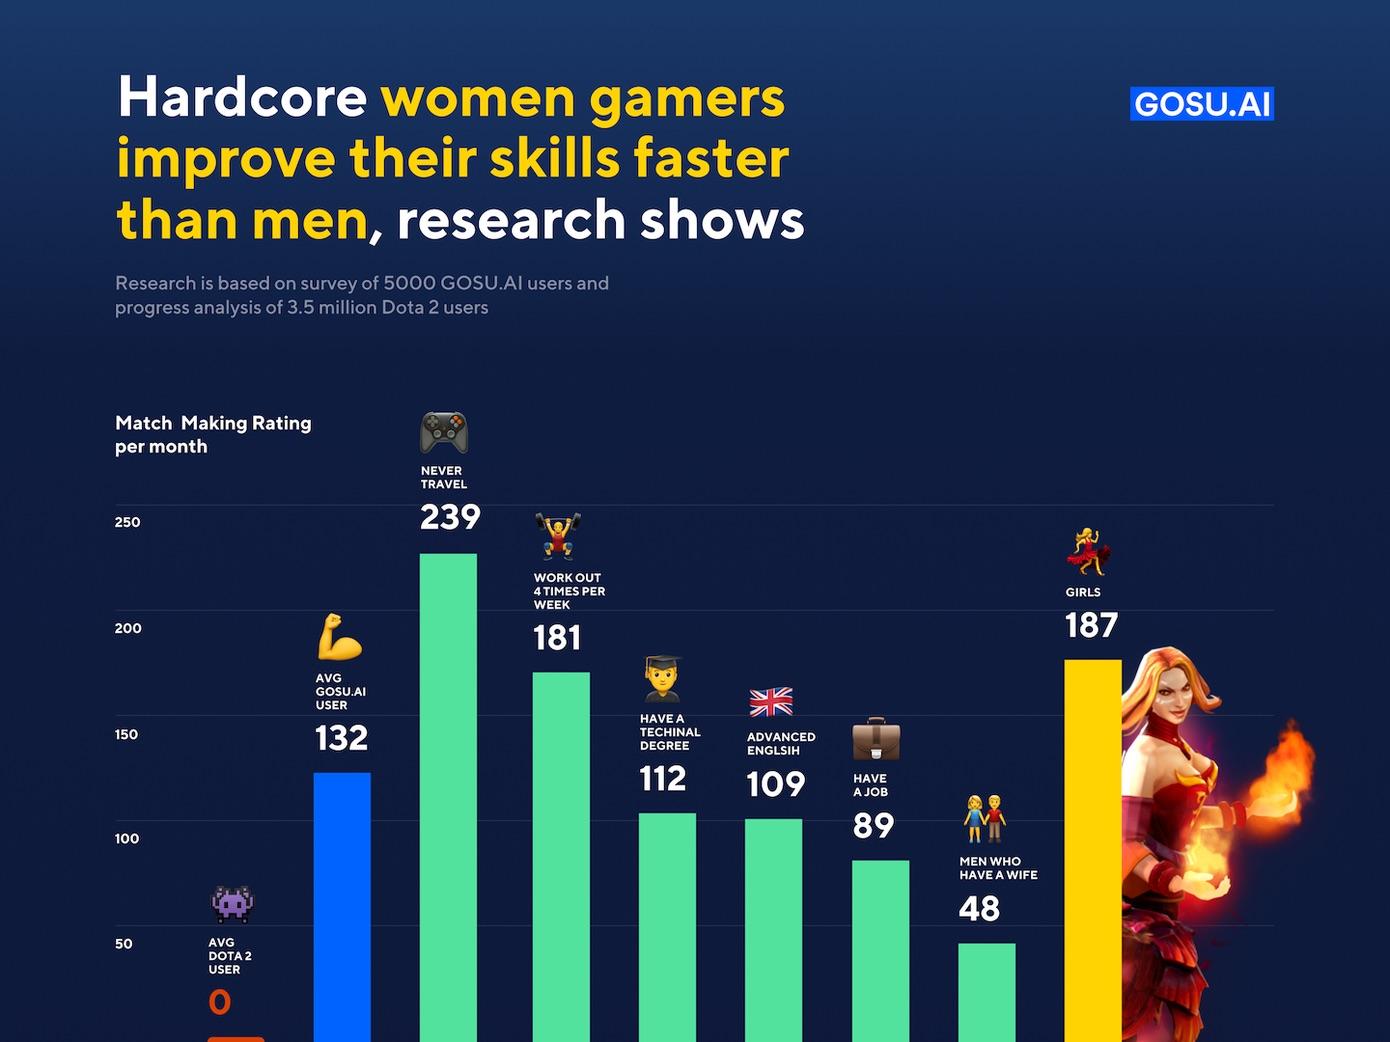 Les femmes seraient meilleures que les hommes aux jeux vidéo.